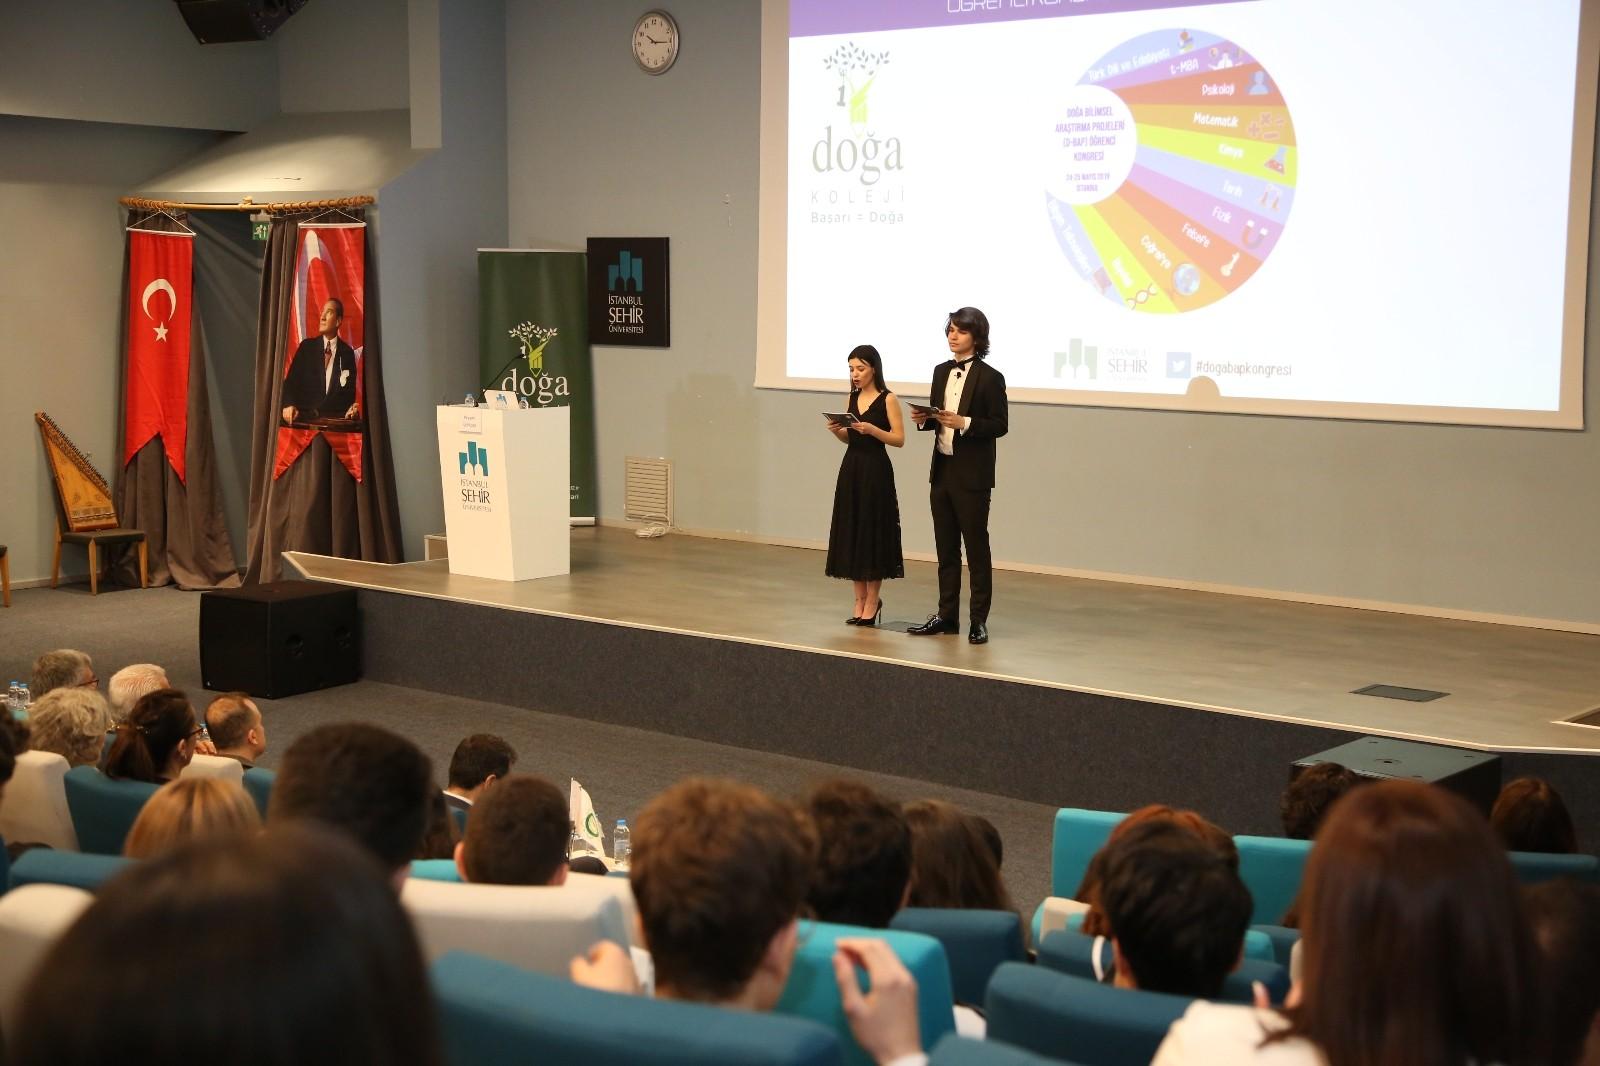 BAP konferansında, lise öğrencileri 170 bilimsel proje sunacaklar